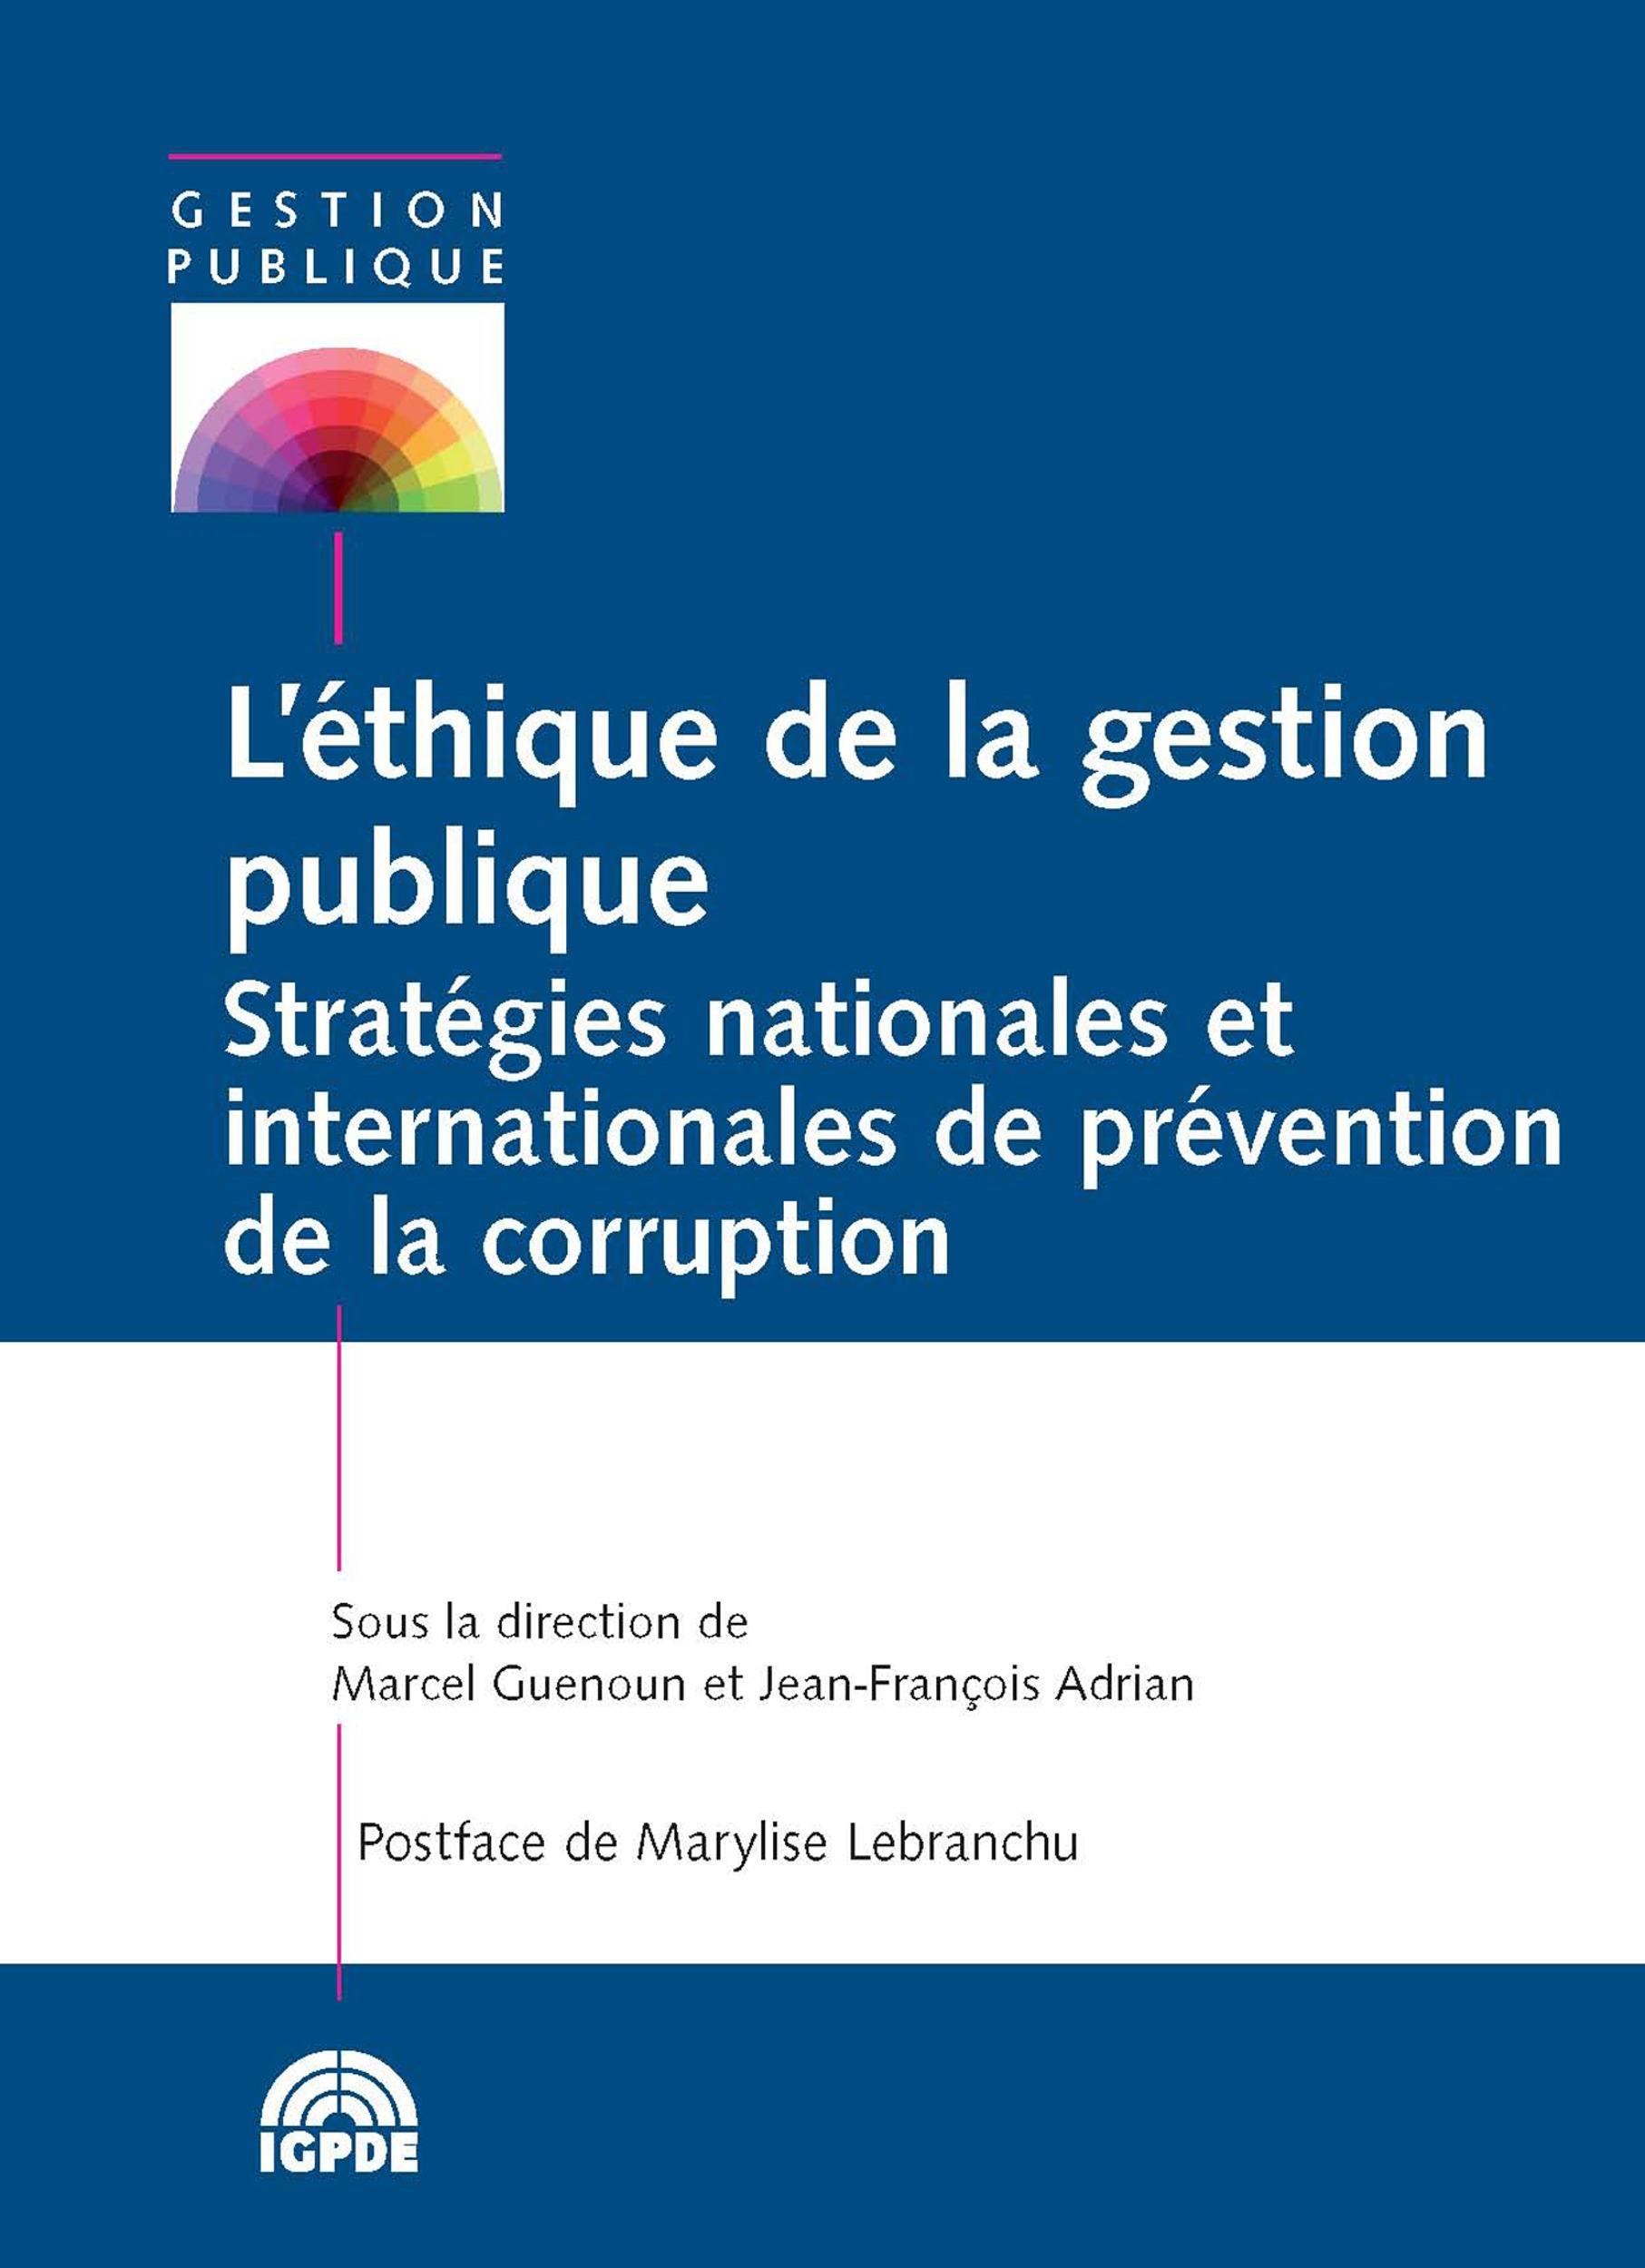 L'éthique de la gestion publique ; stratégies nationales et internationales de prévention de la corruption